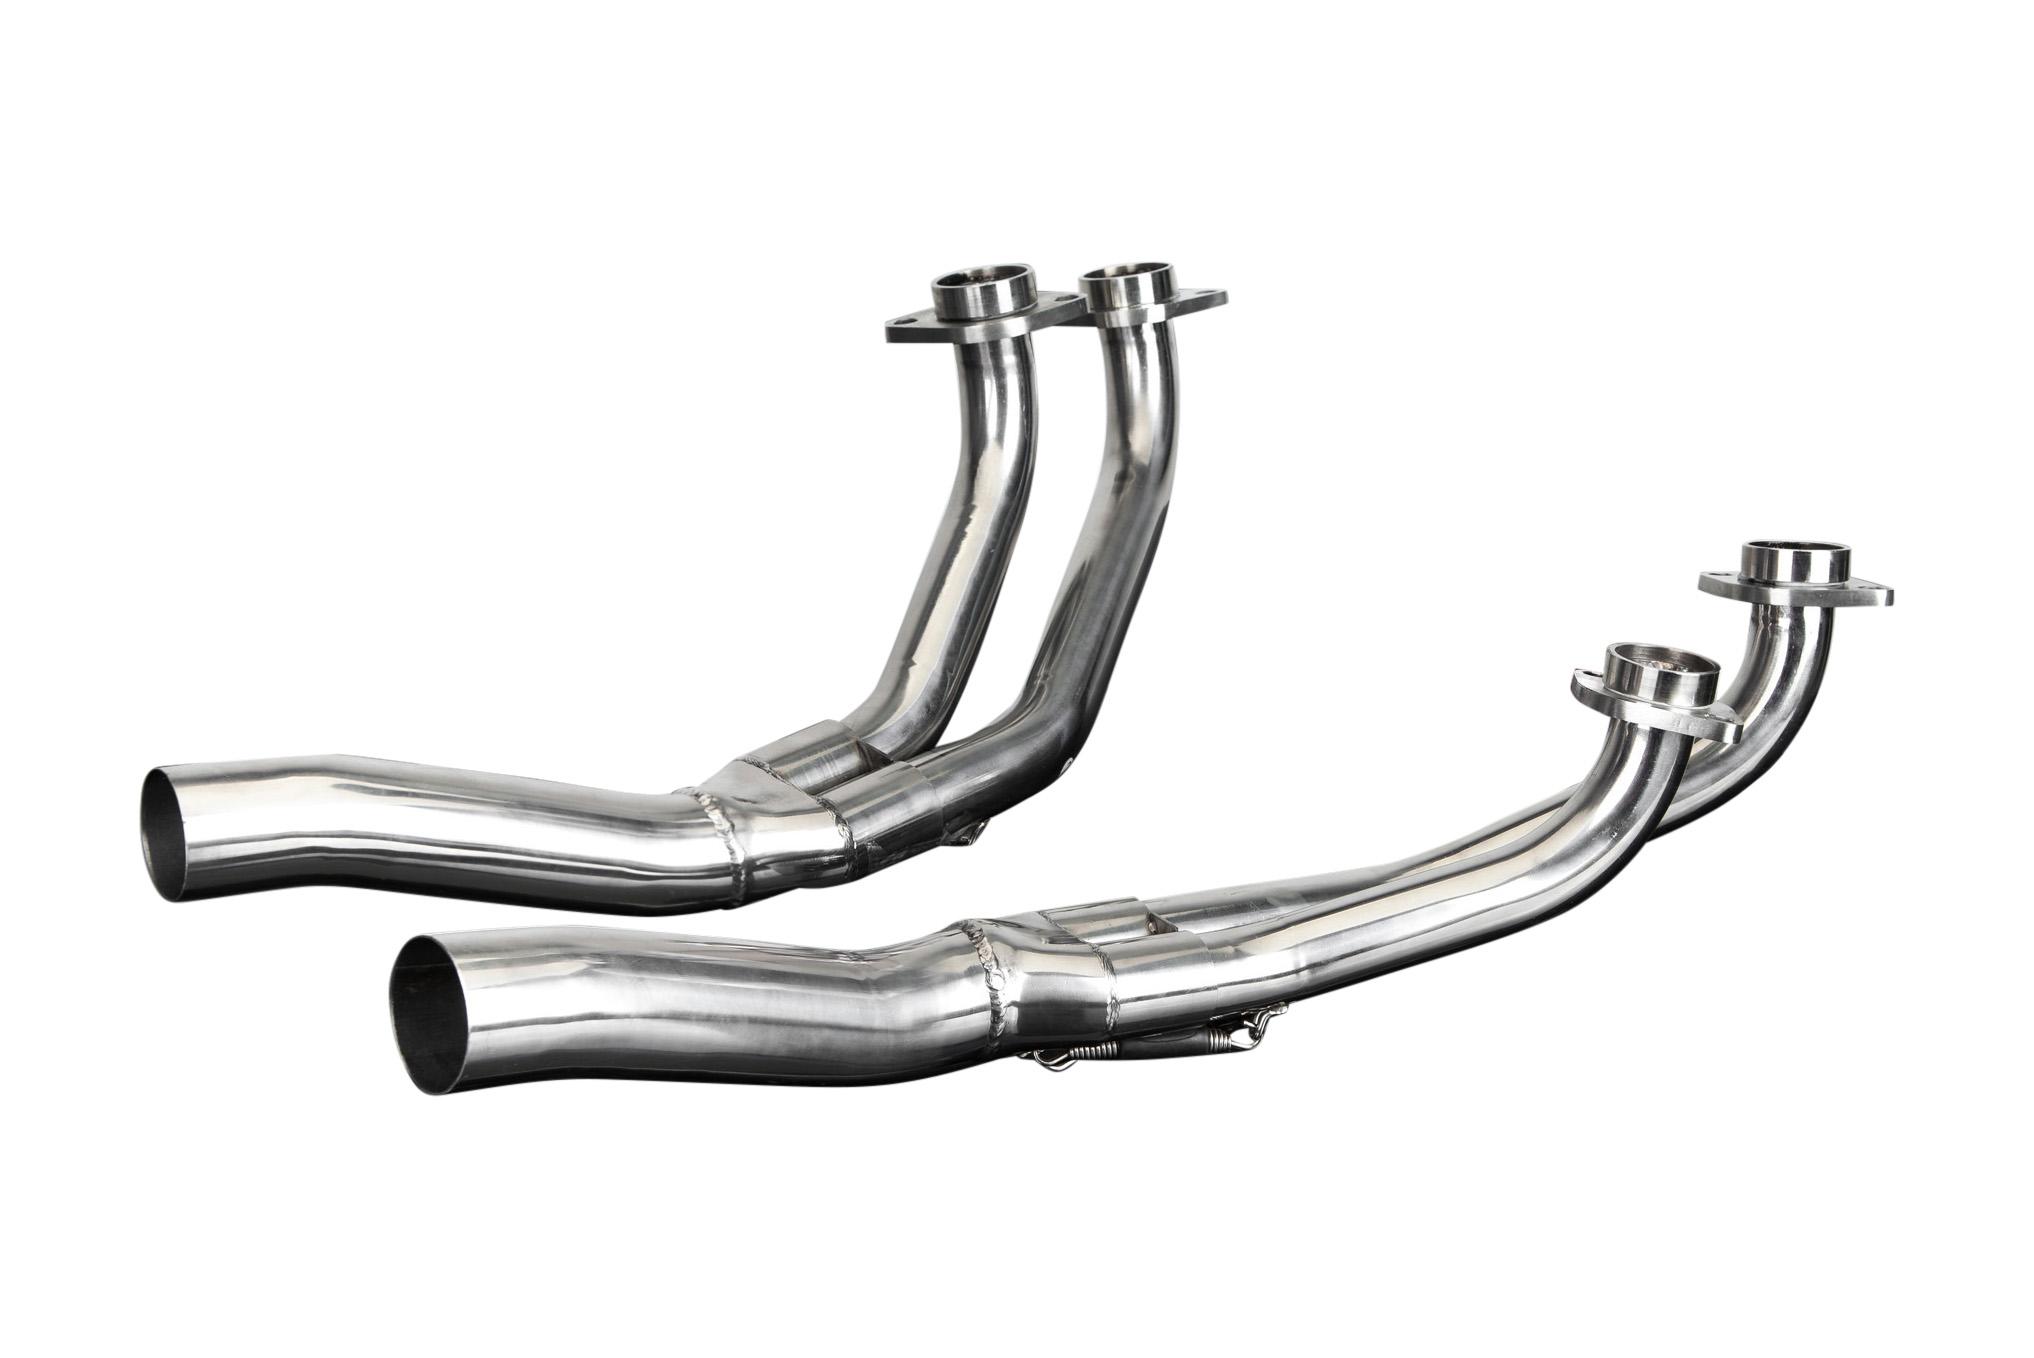 Honda Gl Gl K Kz Goldwing 75 83 Stainless Steel 4 2